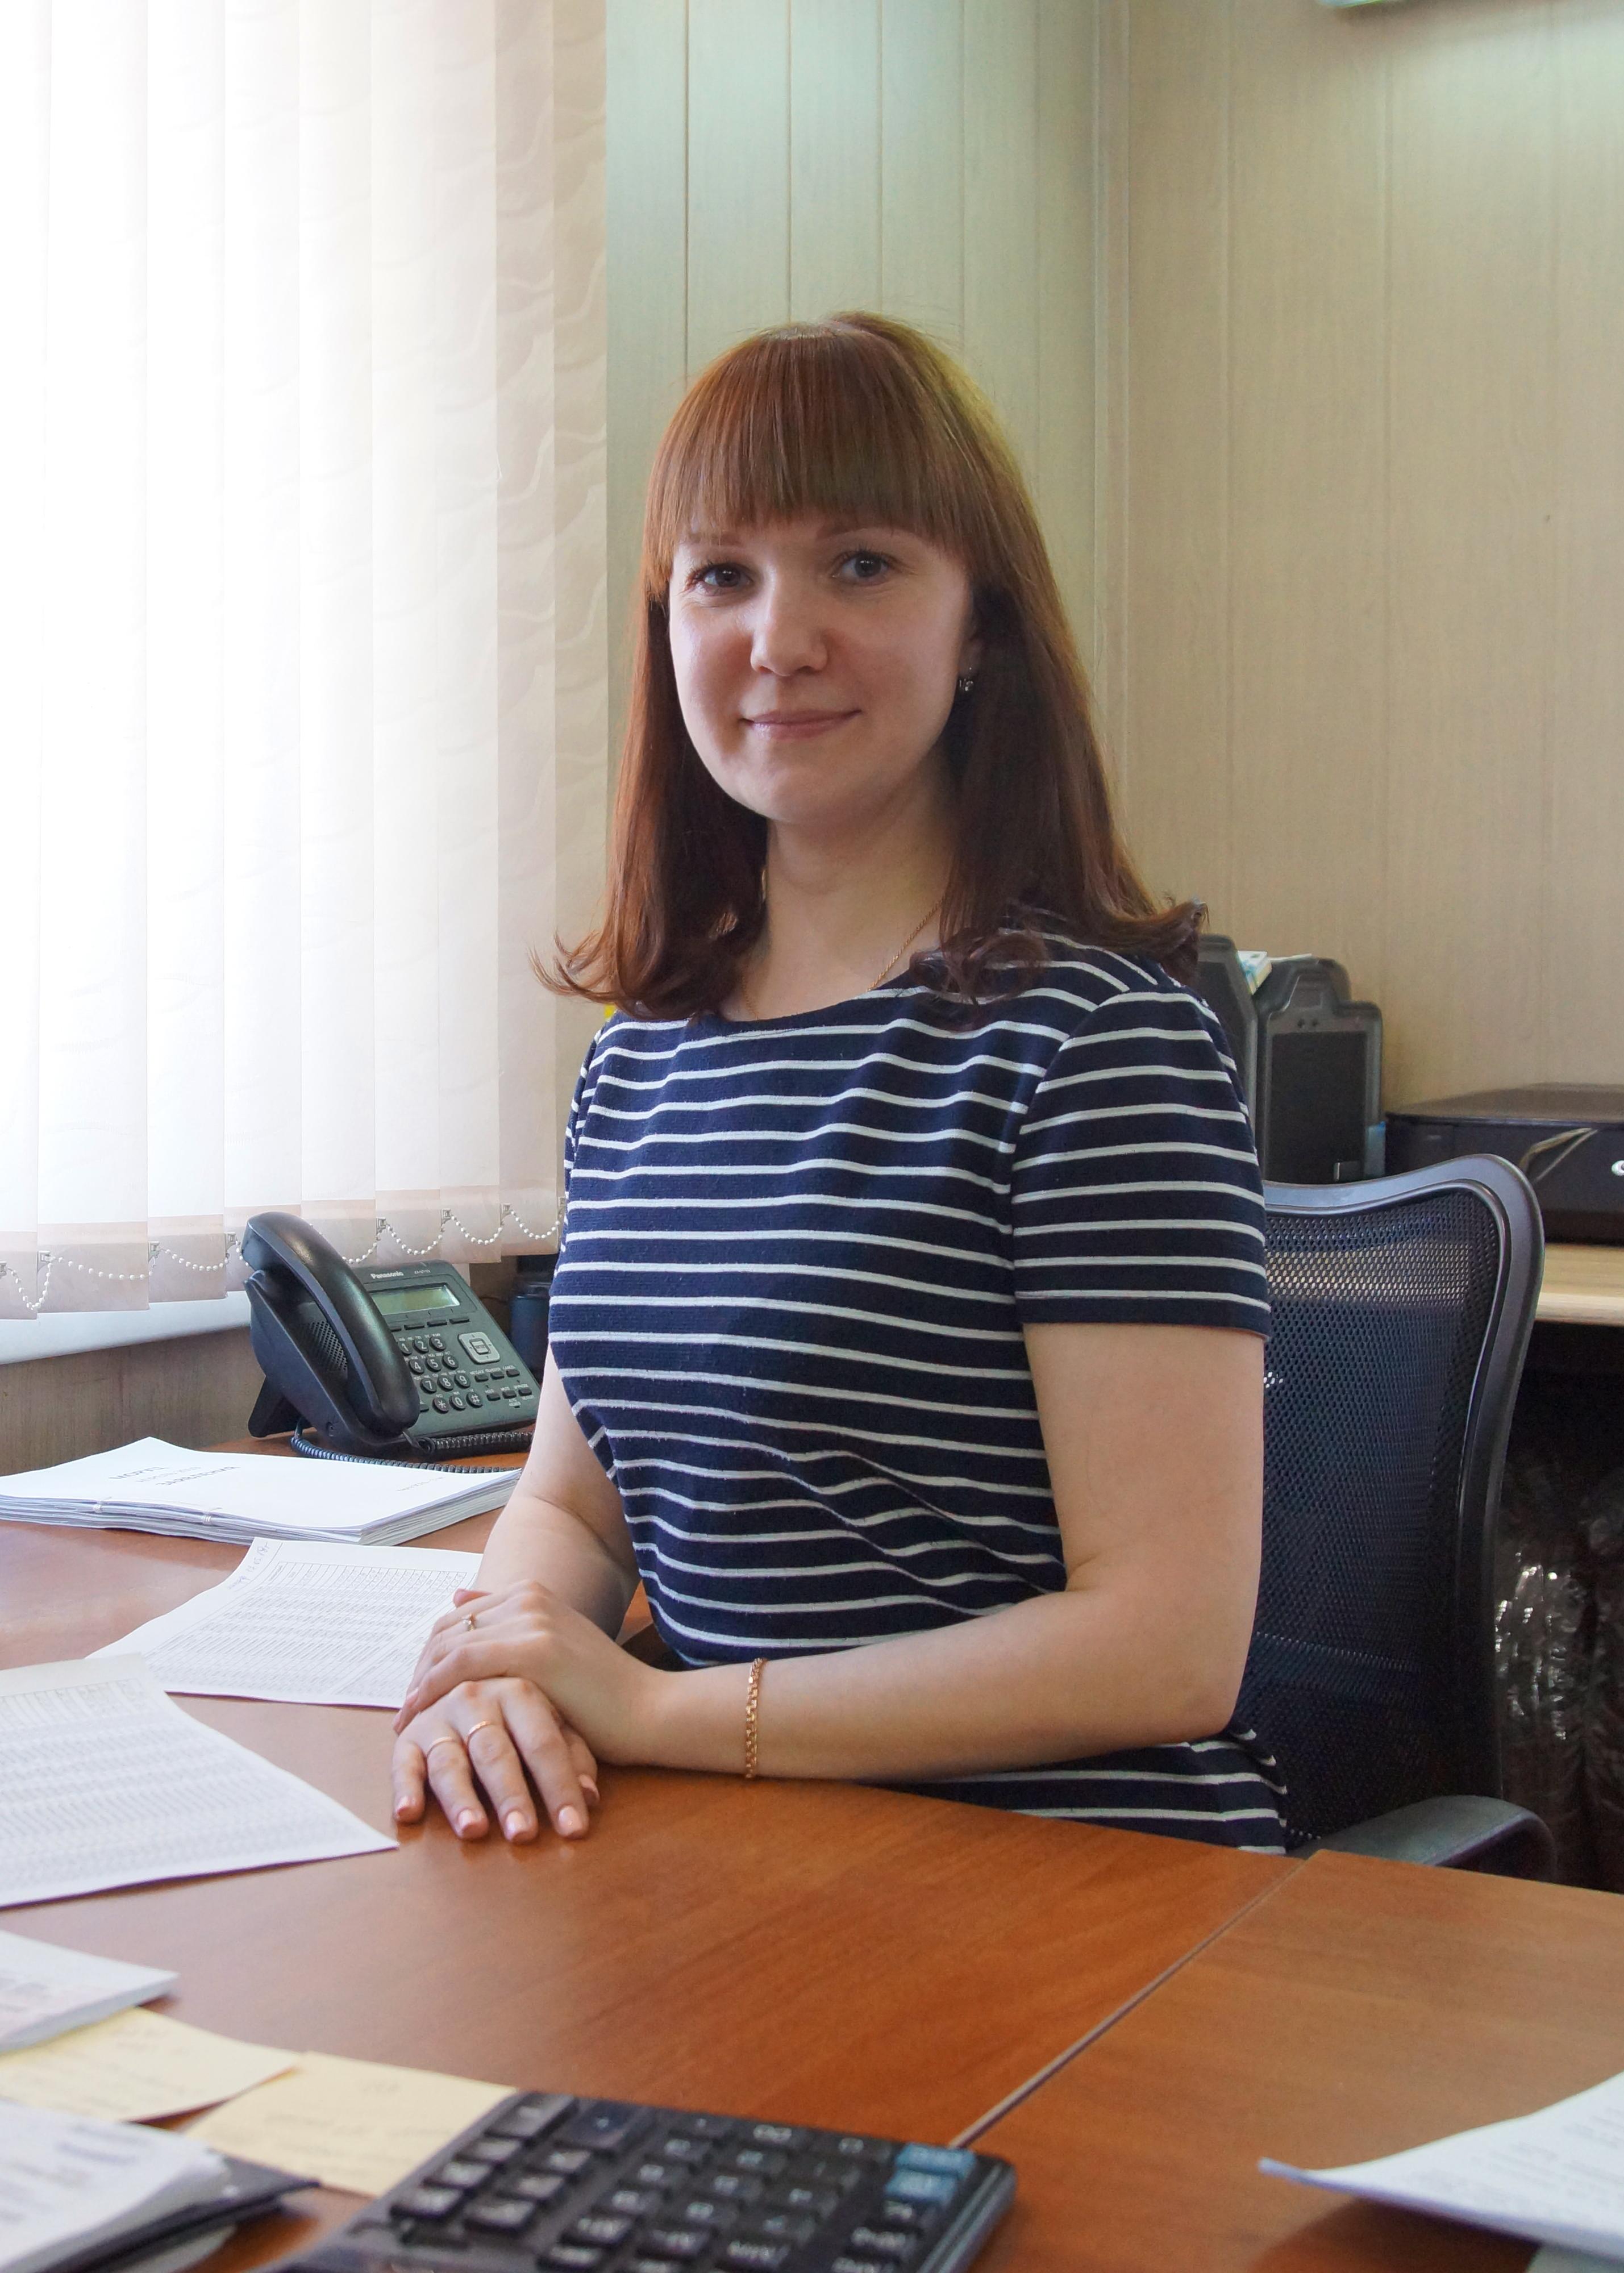 Оператор: Нефедьева Екатерина Александровна